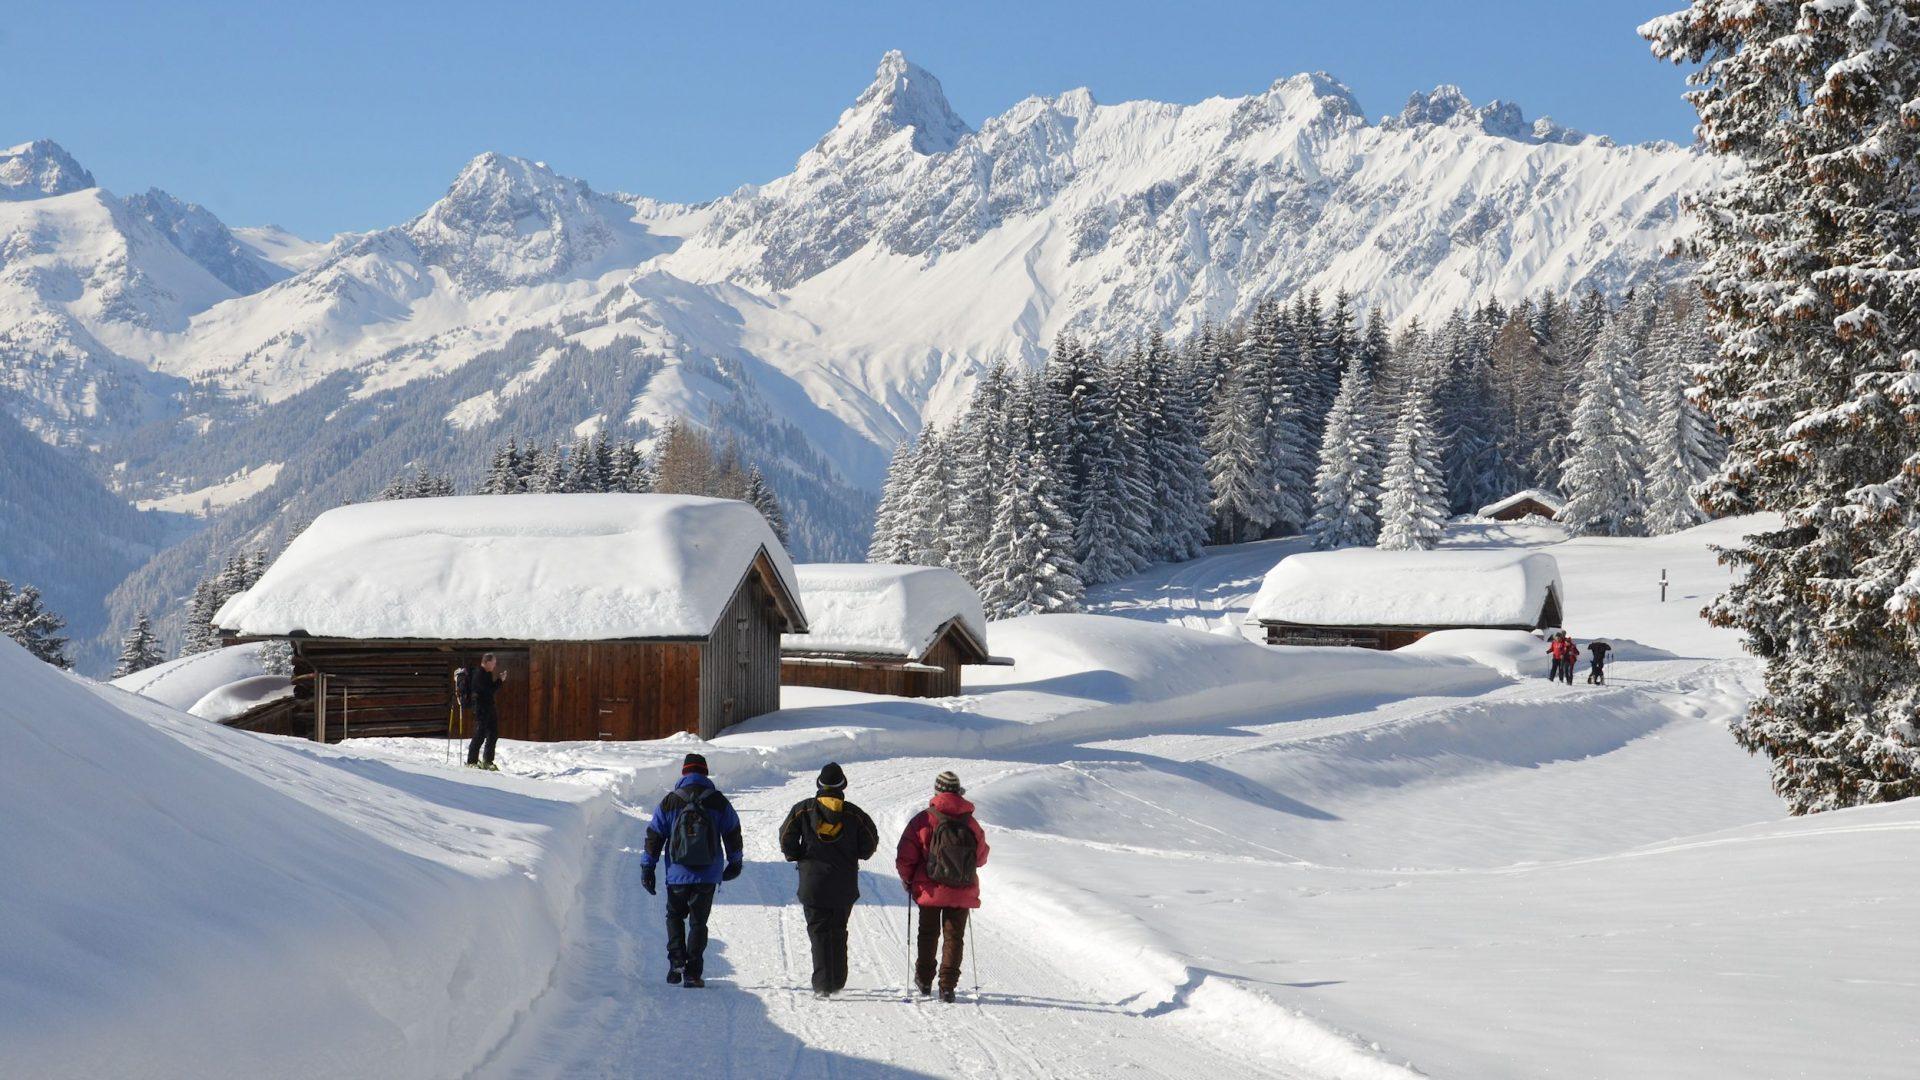 Ferienhotel Fernblick, Winterwandern, Winterwanderwege im Montafon (c) Hotel Fernblick